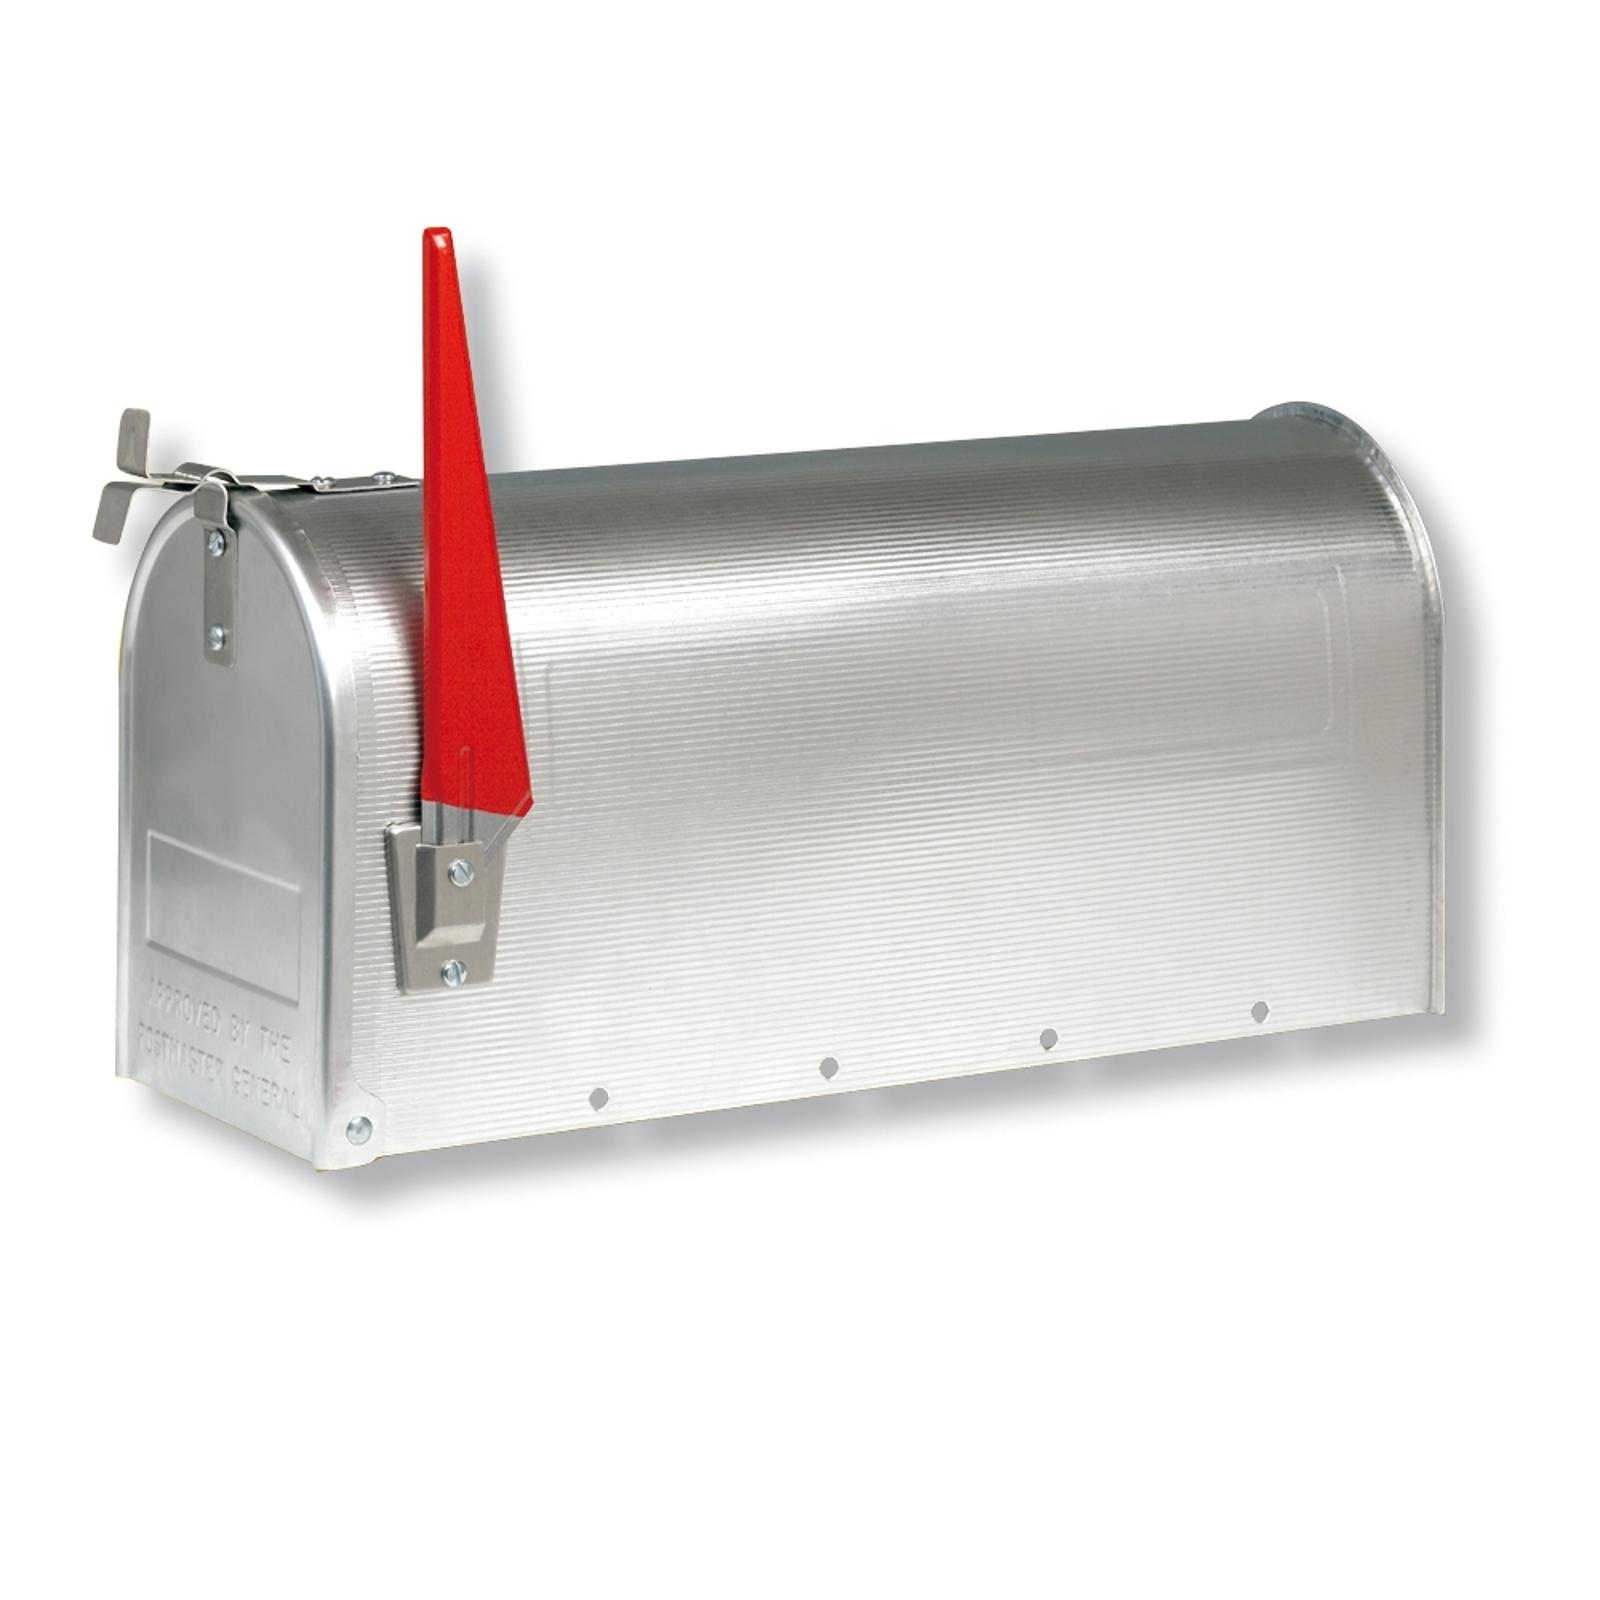 U.S. MAILBOX con bandera giratoria, aluminio